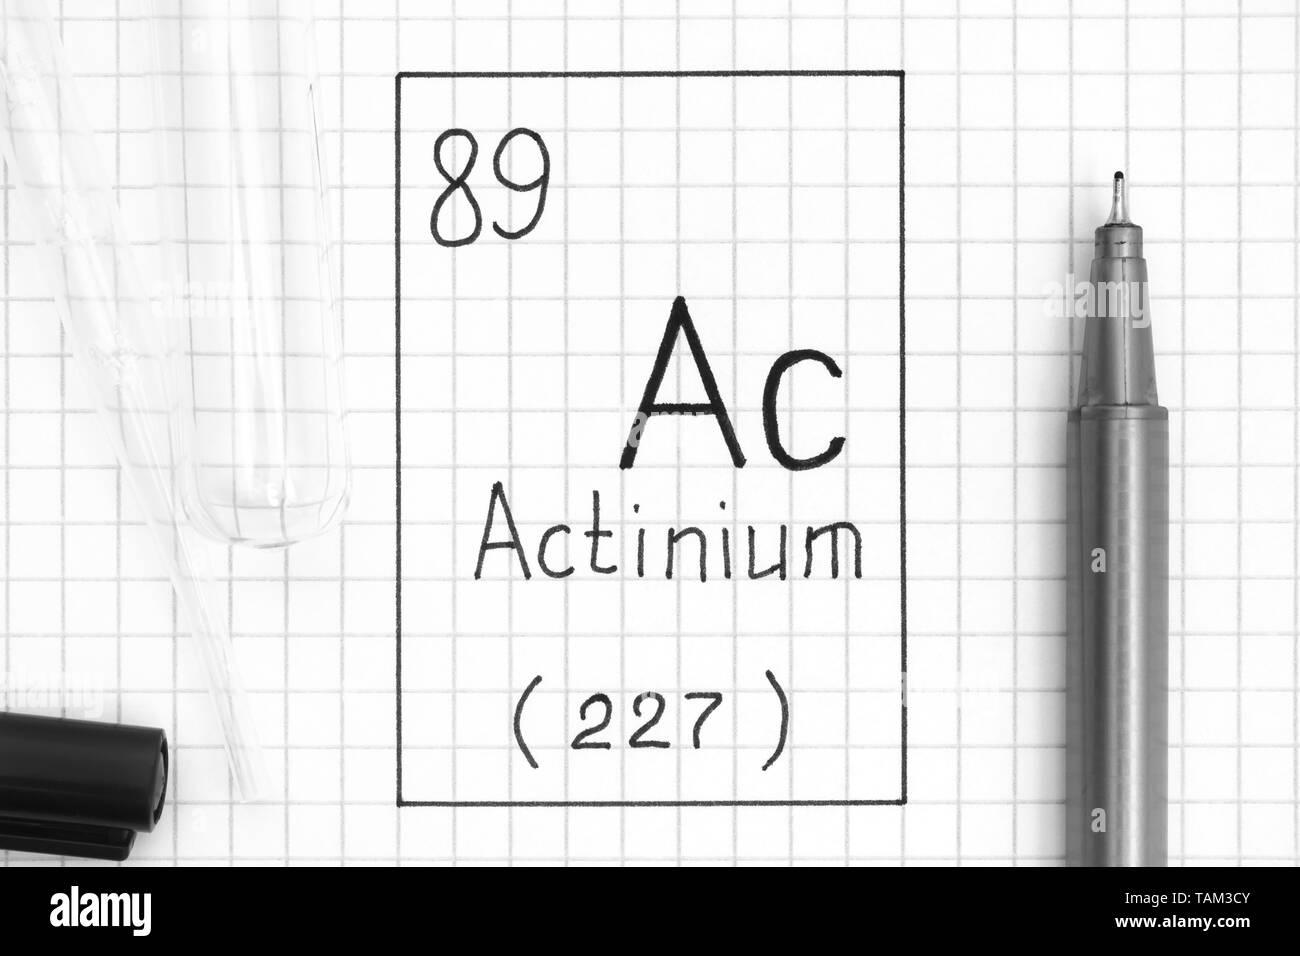 Actinium Stock Photos & Actinium Stock Images - Alamy